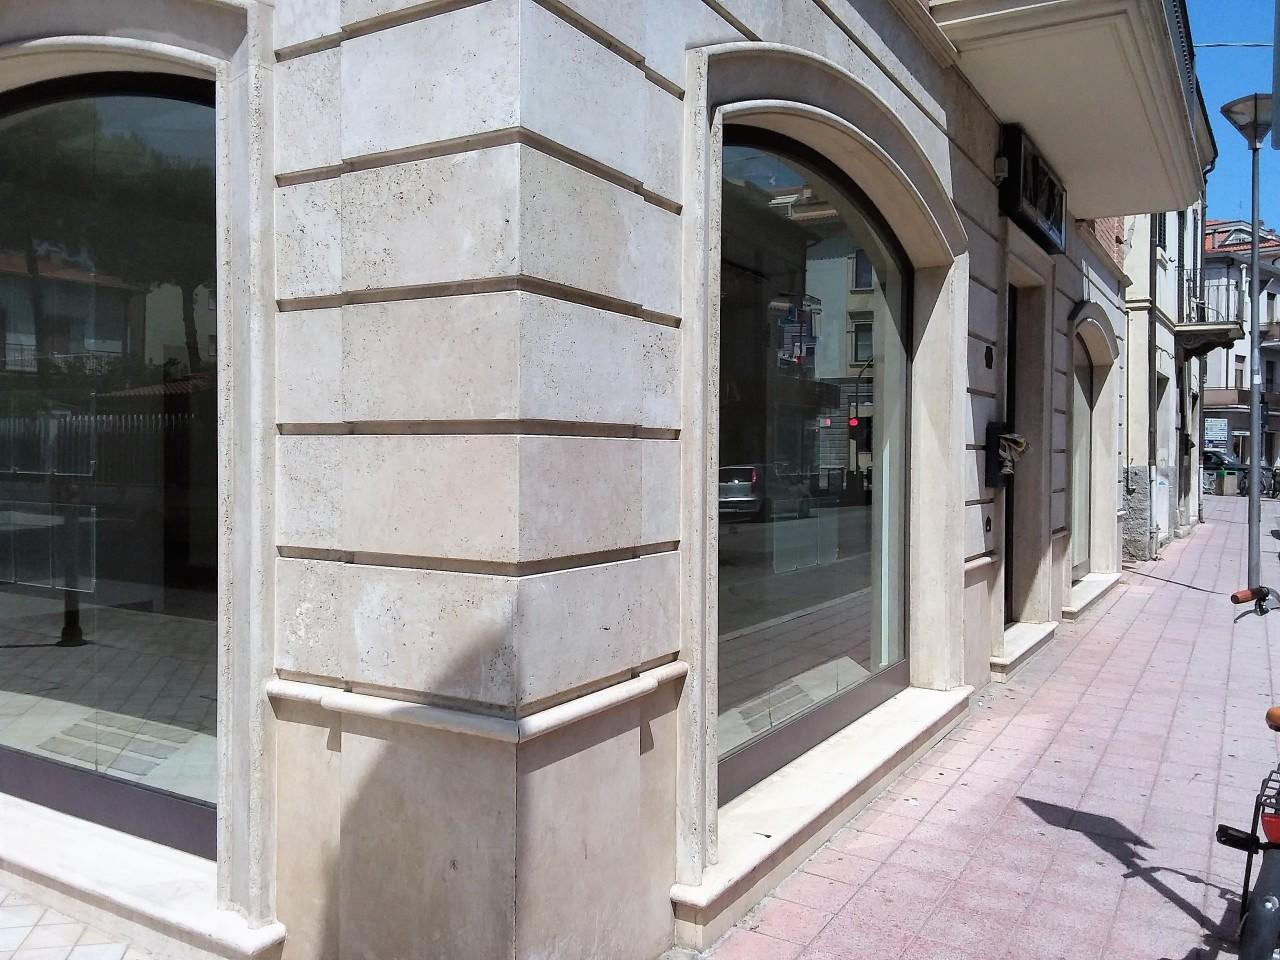 Negozio / Locale in vendita a San Benedetto del Tronto, 3 locali, prezzo € 260.000 | CambioCasa.it